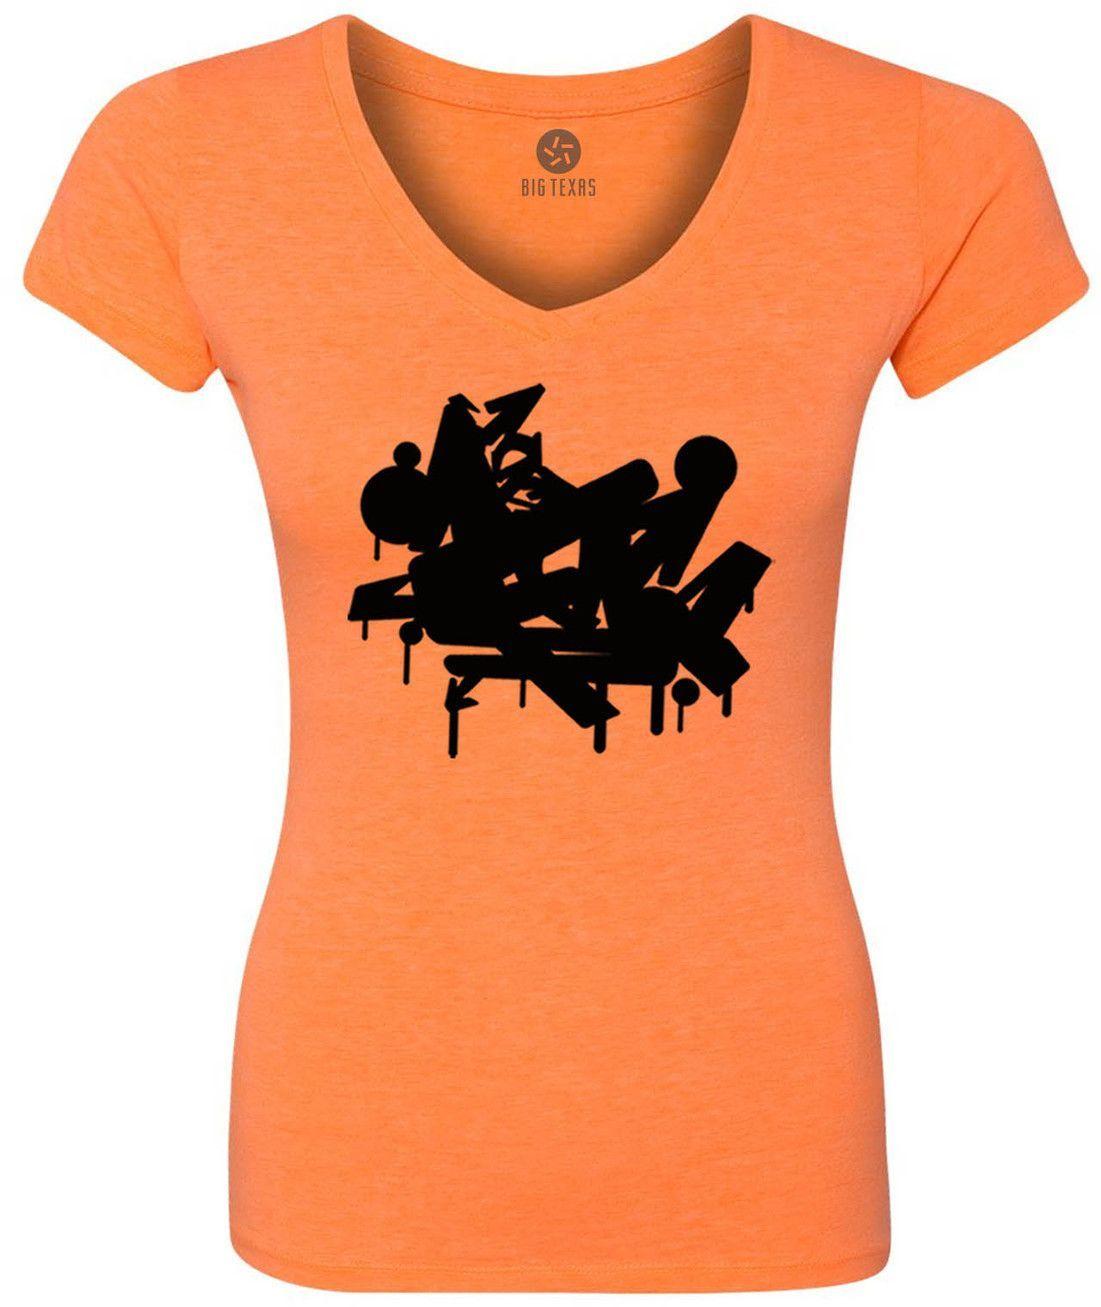 Graffiti (Black) Women's Short-Sleeve V-Neck T-Shirt